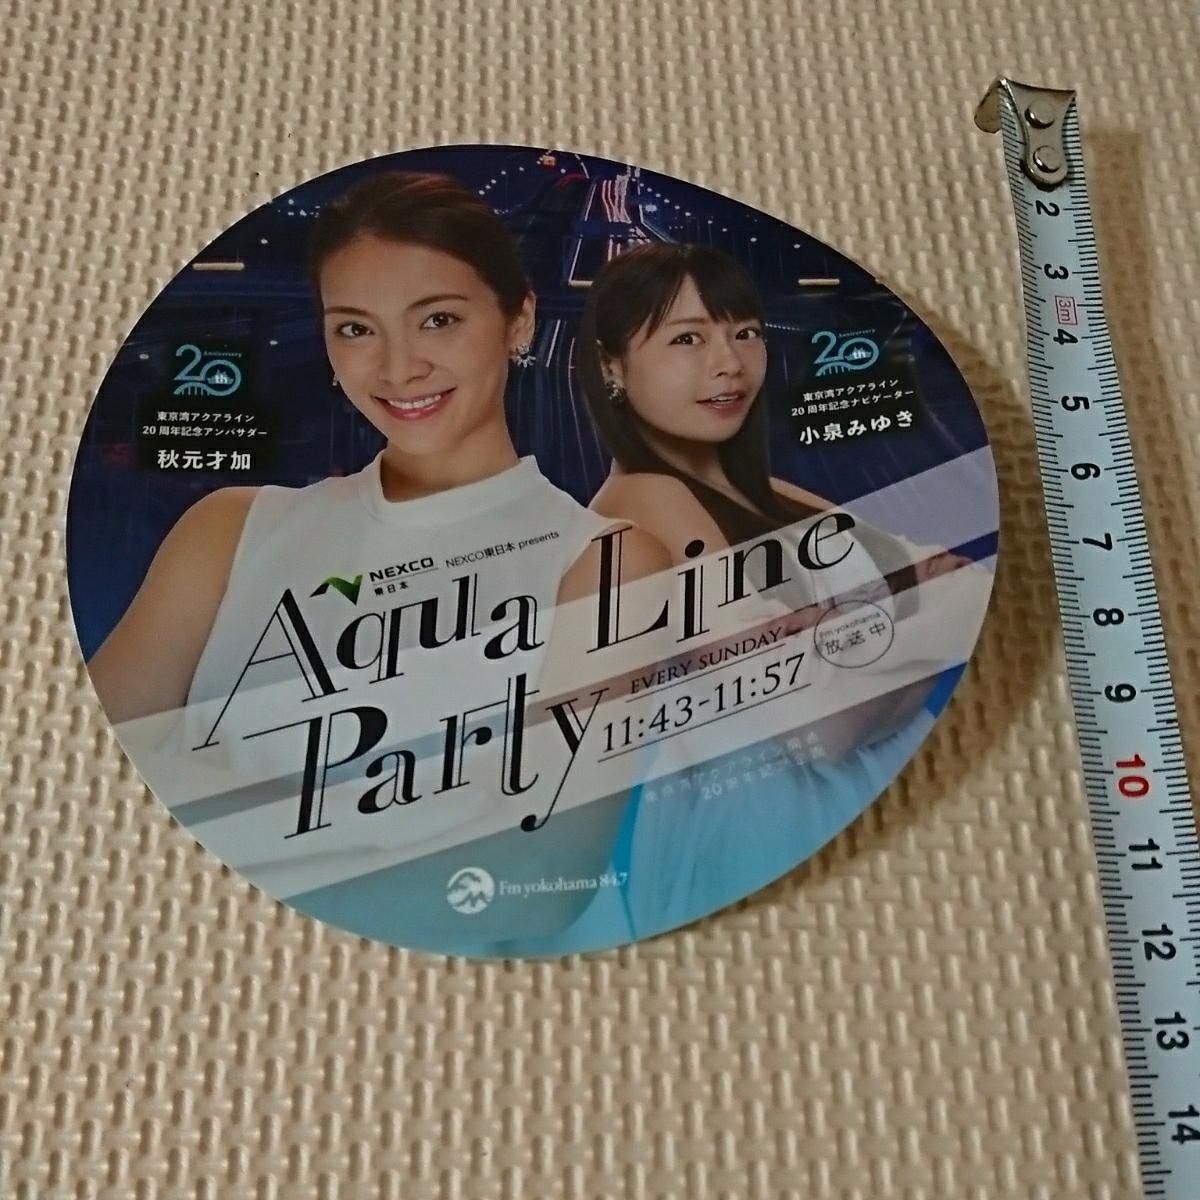 秋元才加 小泉みゆき ステッカー FM YOKOHAMA Aqua Line Party アクアライン20周年 ステッカー非売品